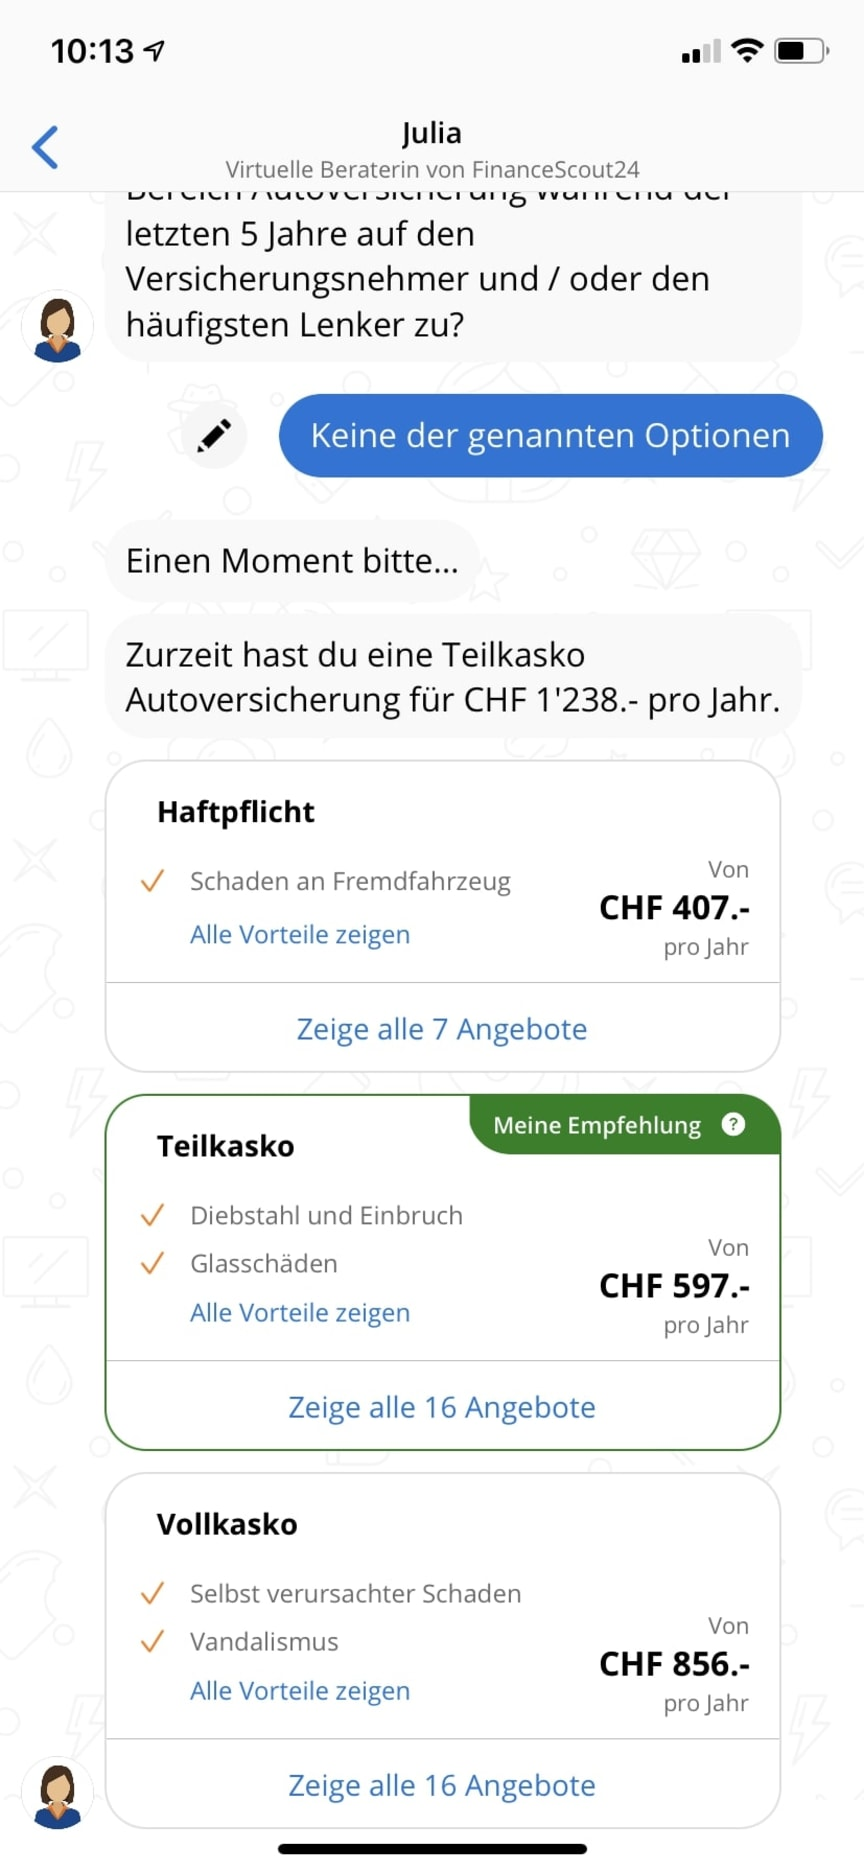 FinanceScout24 Insurance Check App_4.jpg